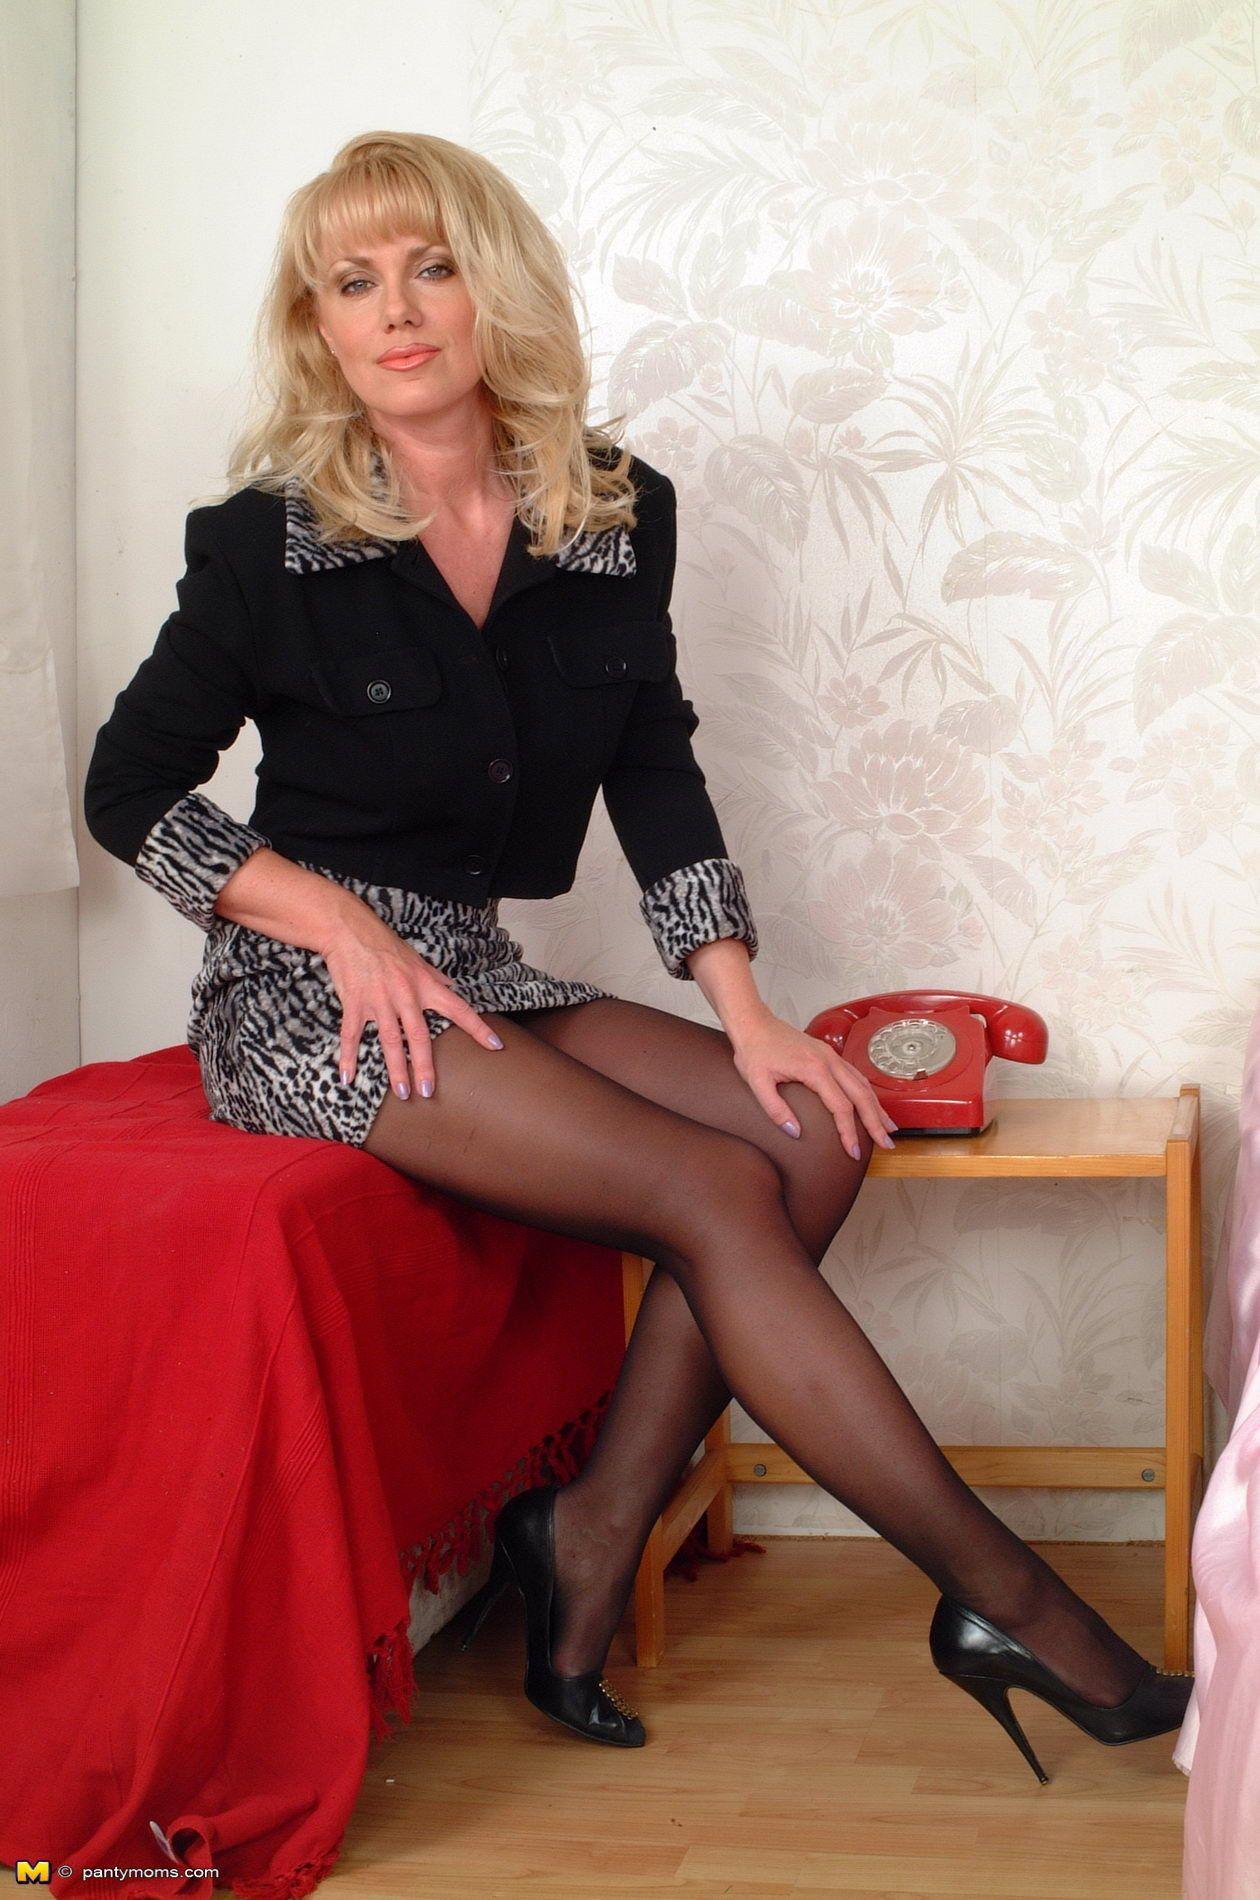 louise hodges so beautiful | kobietą być | pinterest | stockings